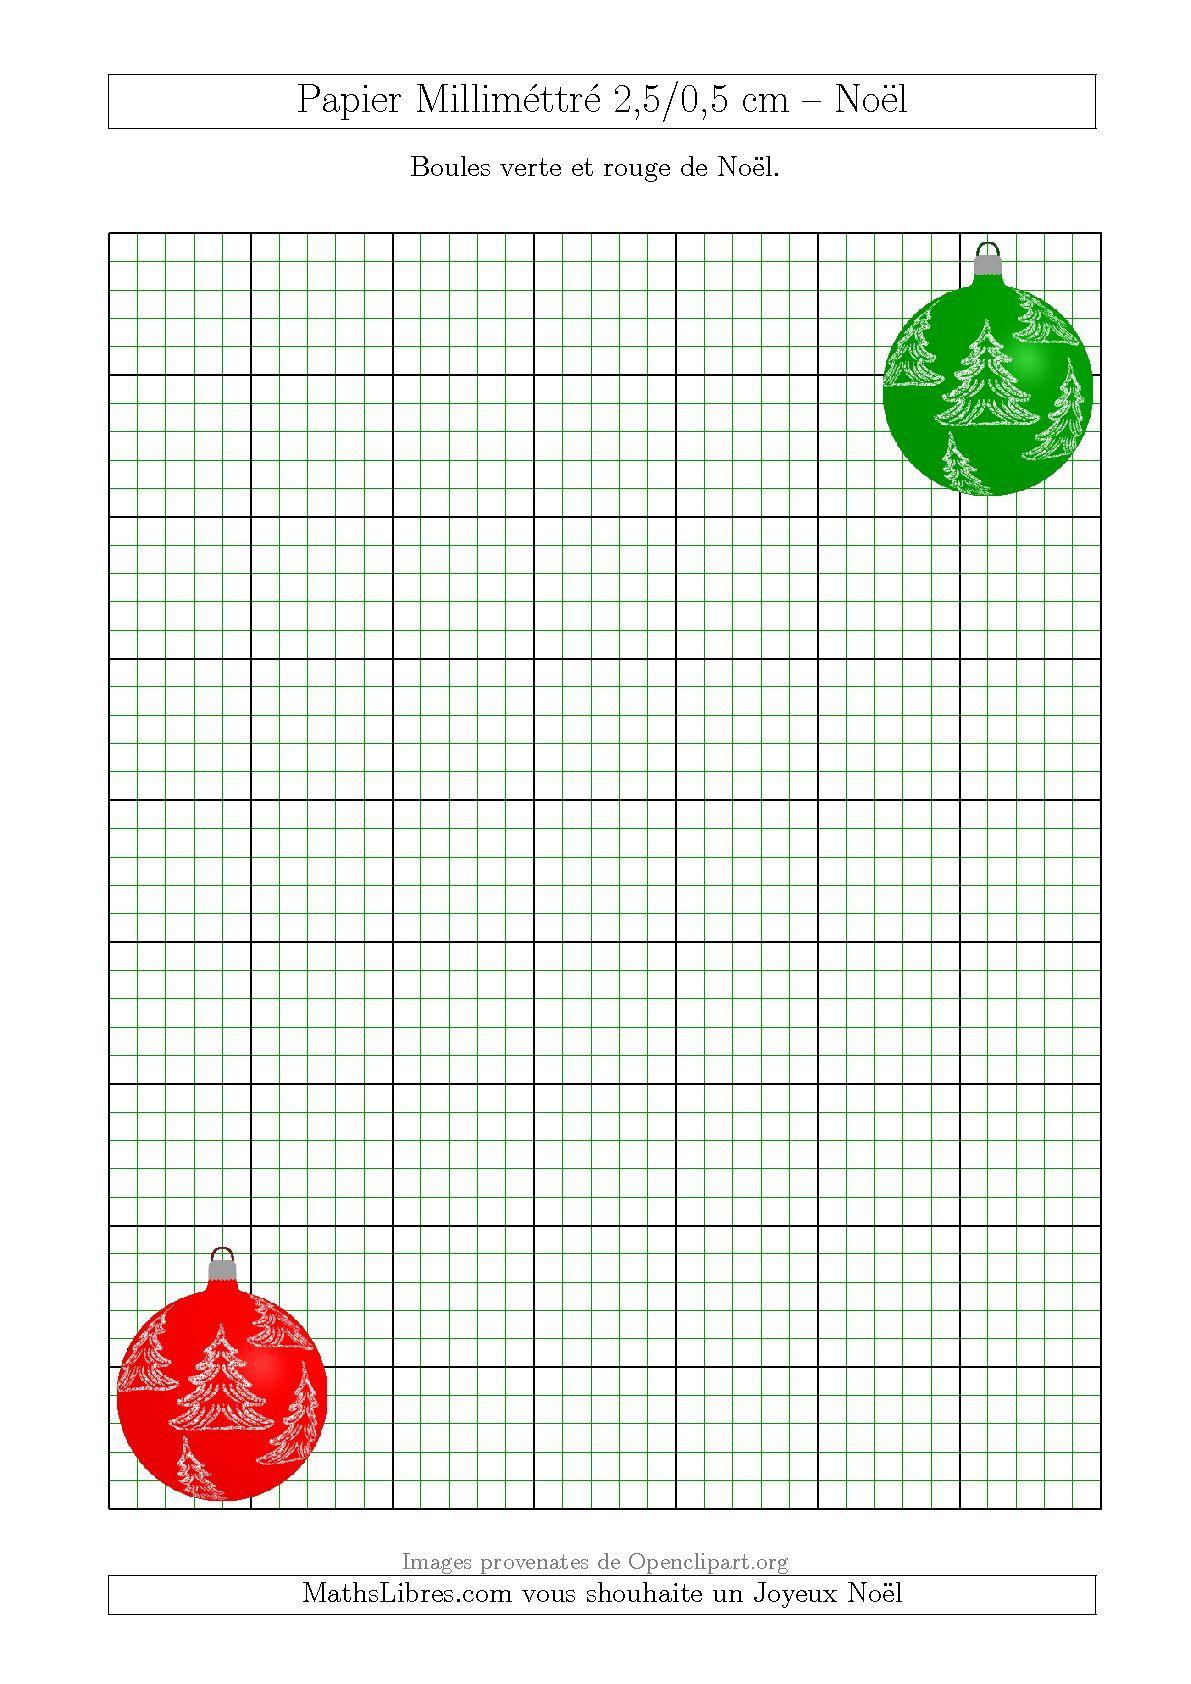 Papier Millimettre Avec Des Boules Rouge Et Verte 2 5 0 5